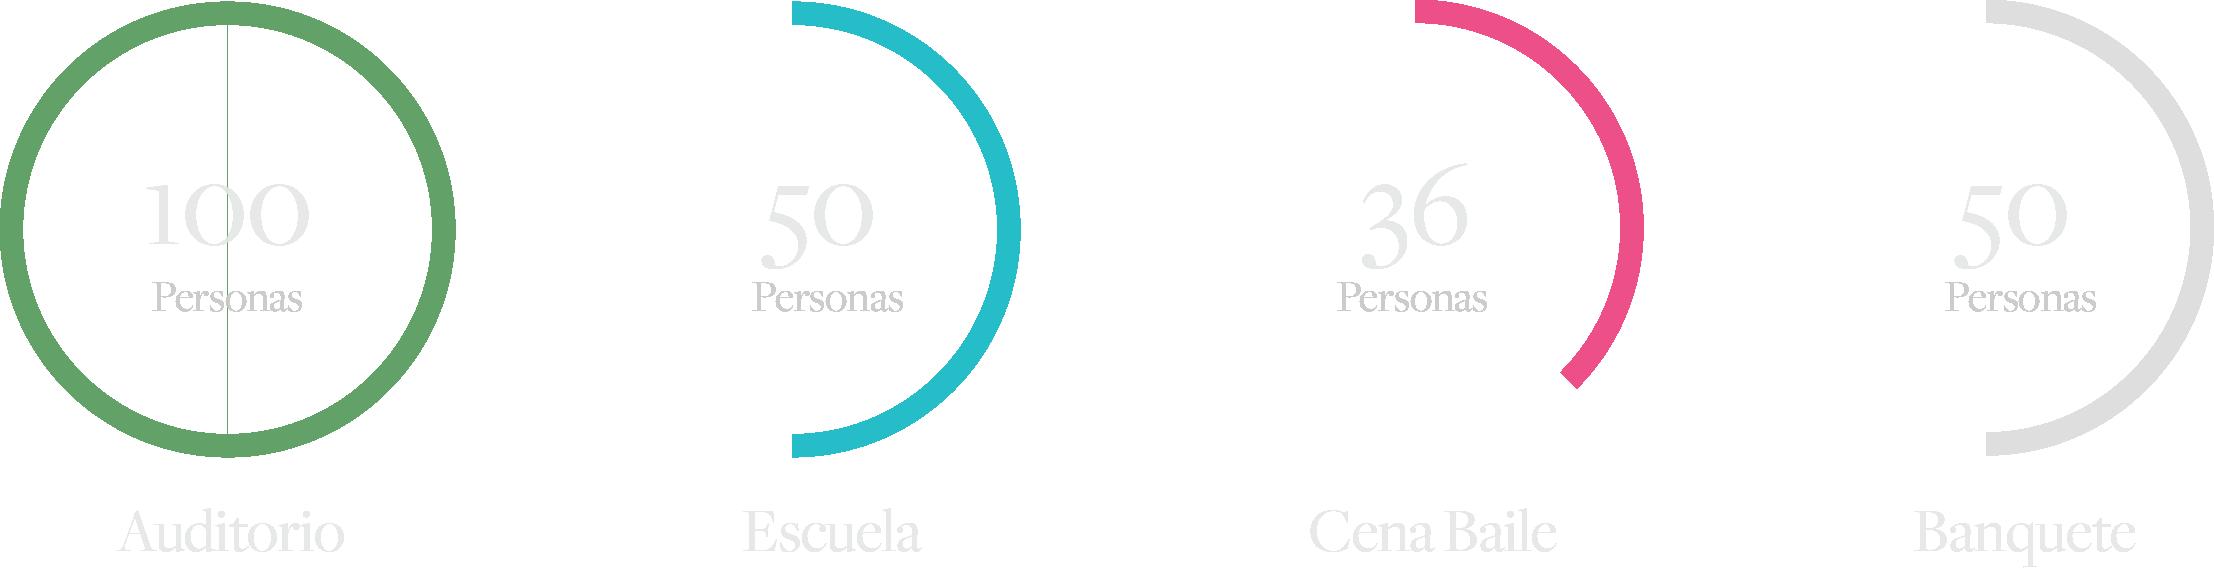 CAPACIDAD ISUARA.png